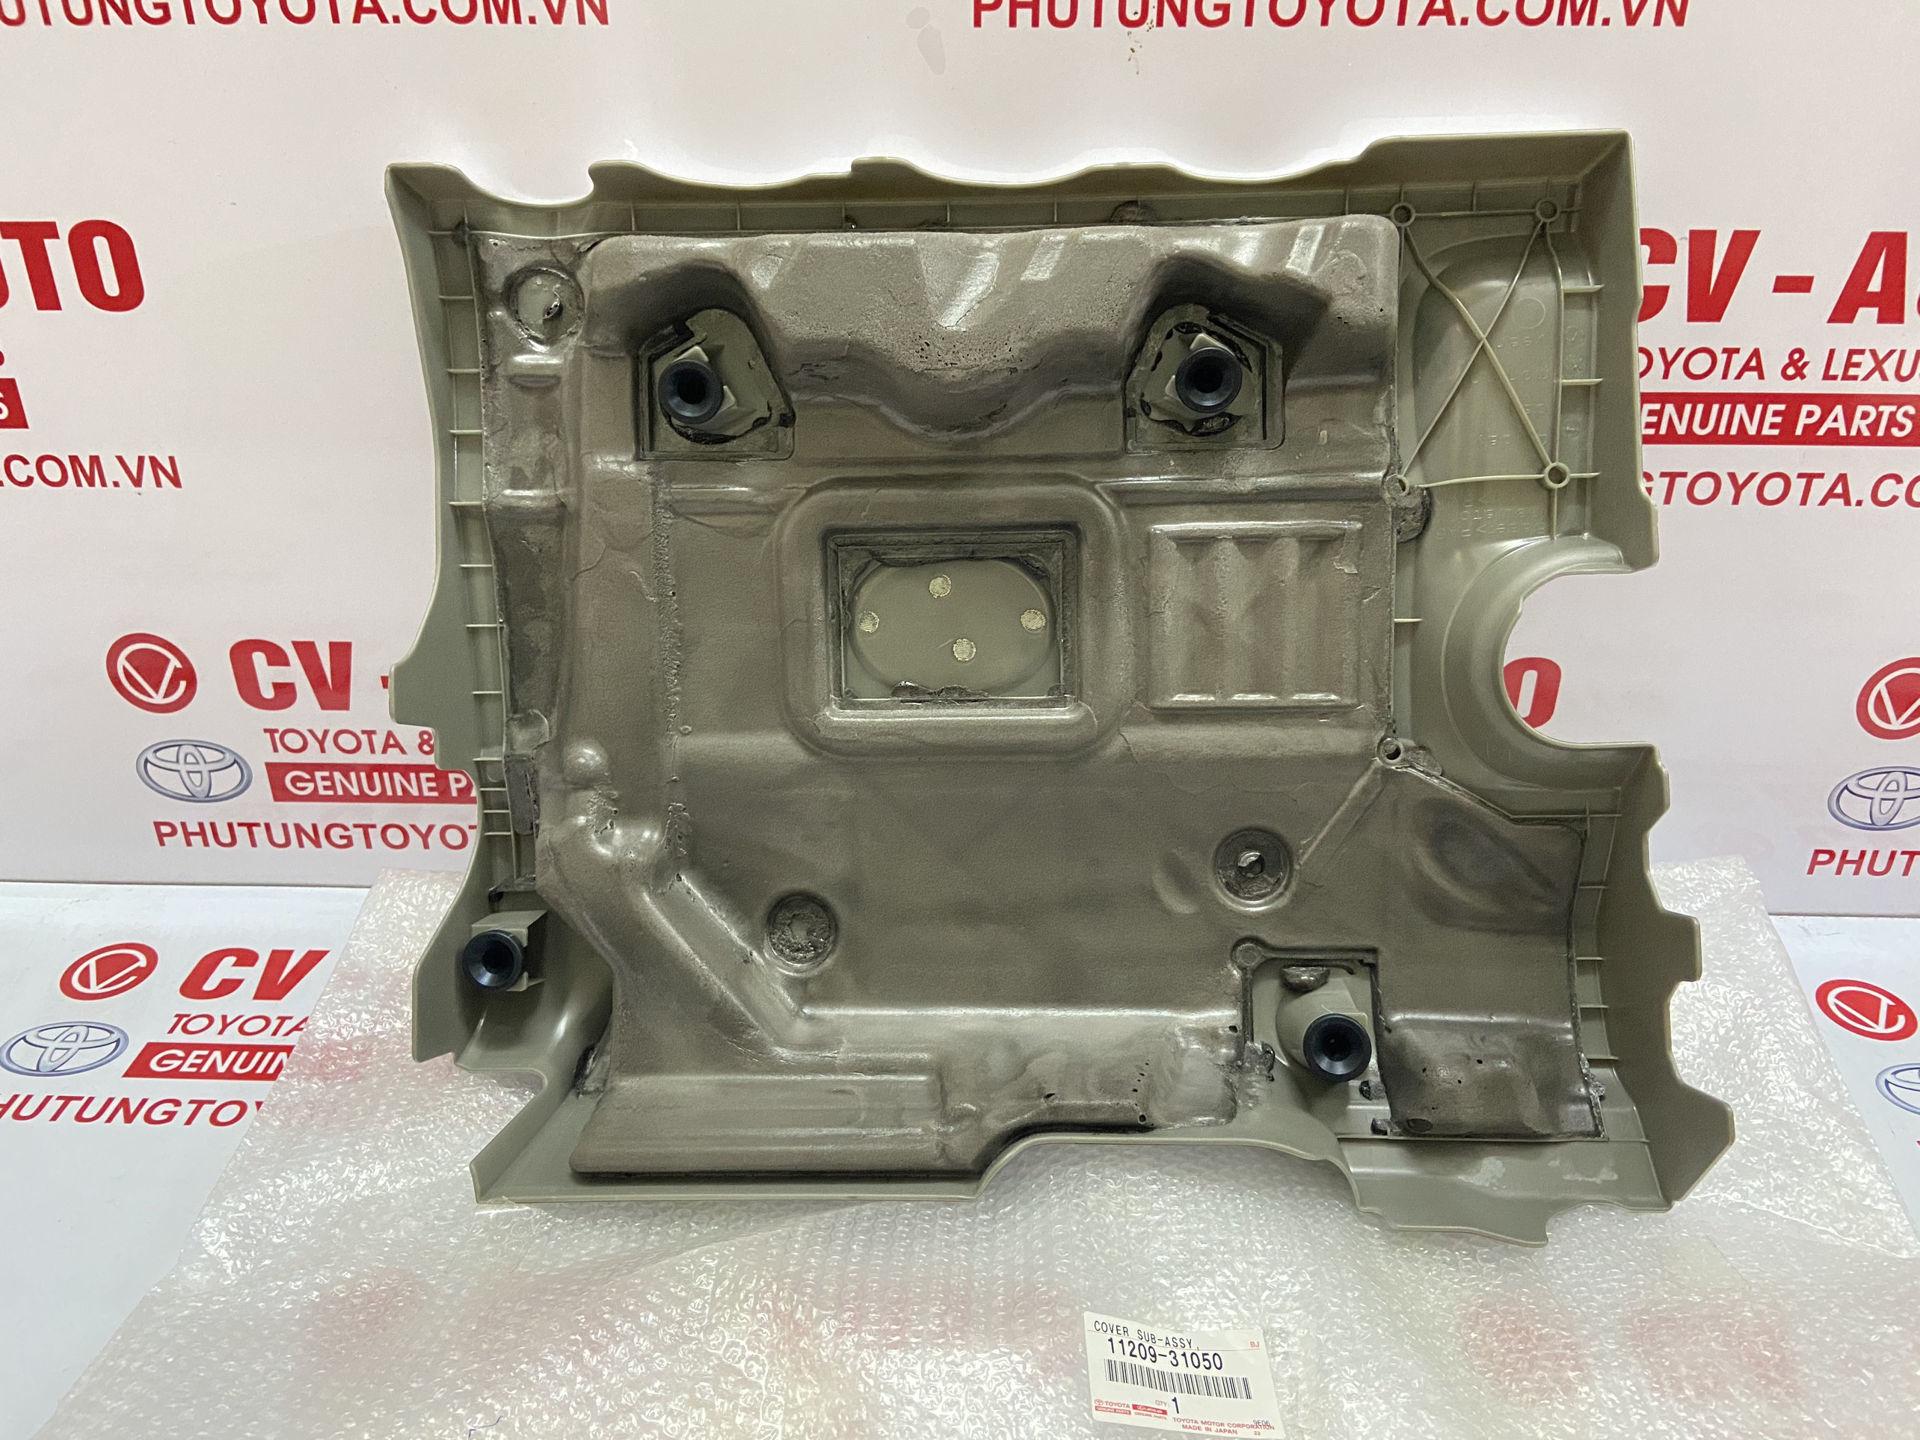 Picture of 11209-31050 Nắp trang trí động cơ LEXUS RX350, RX450H hàng chính hãng